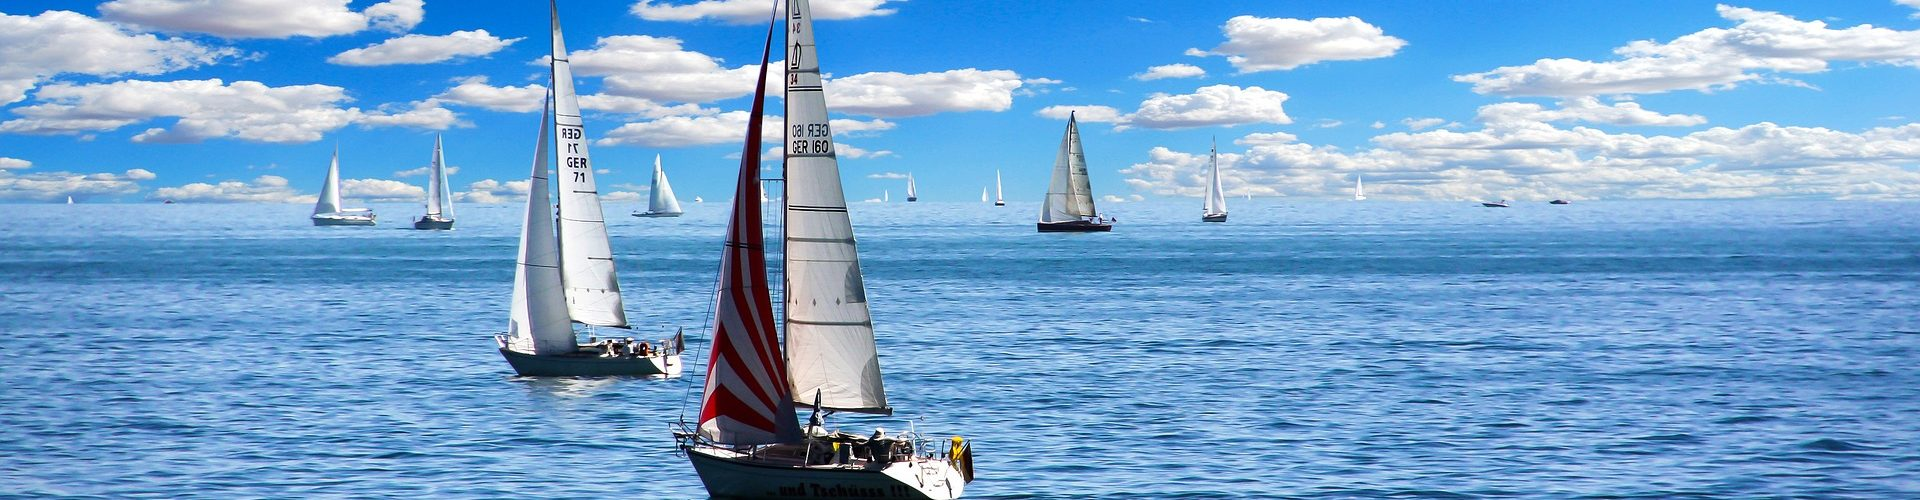 segeln lernen in Neuharlingersiel segelschein machen in Neuharlingersiel 1920x500 - Segeln lernen in Neuharlingersiel